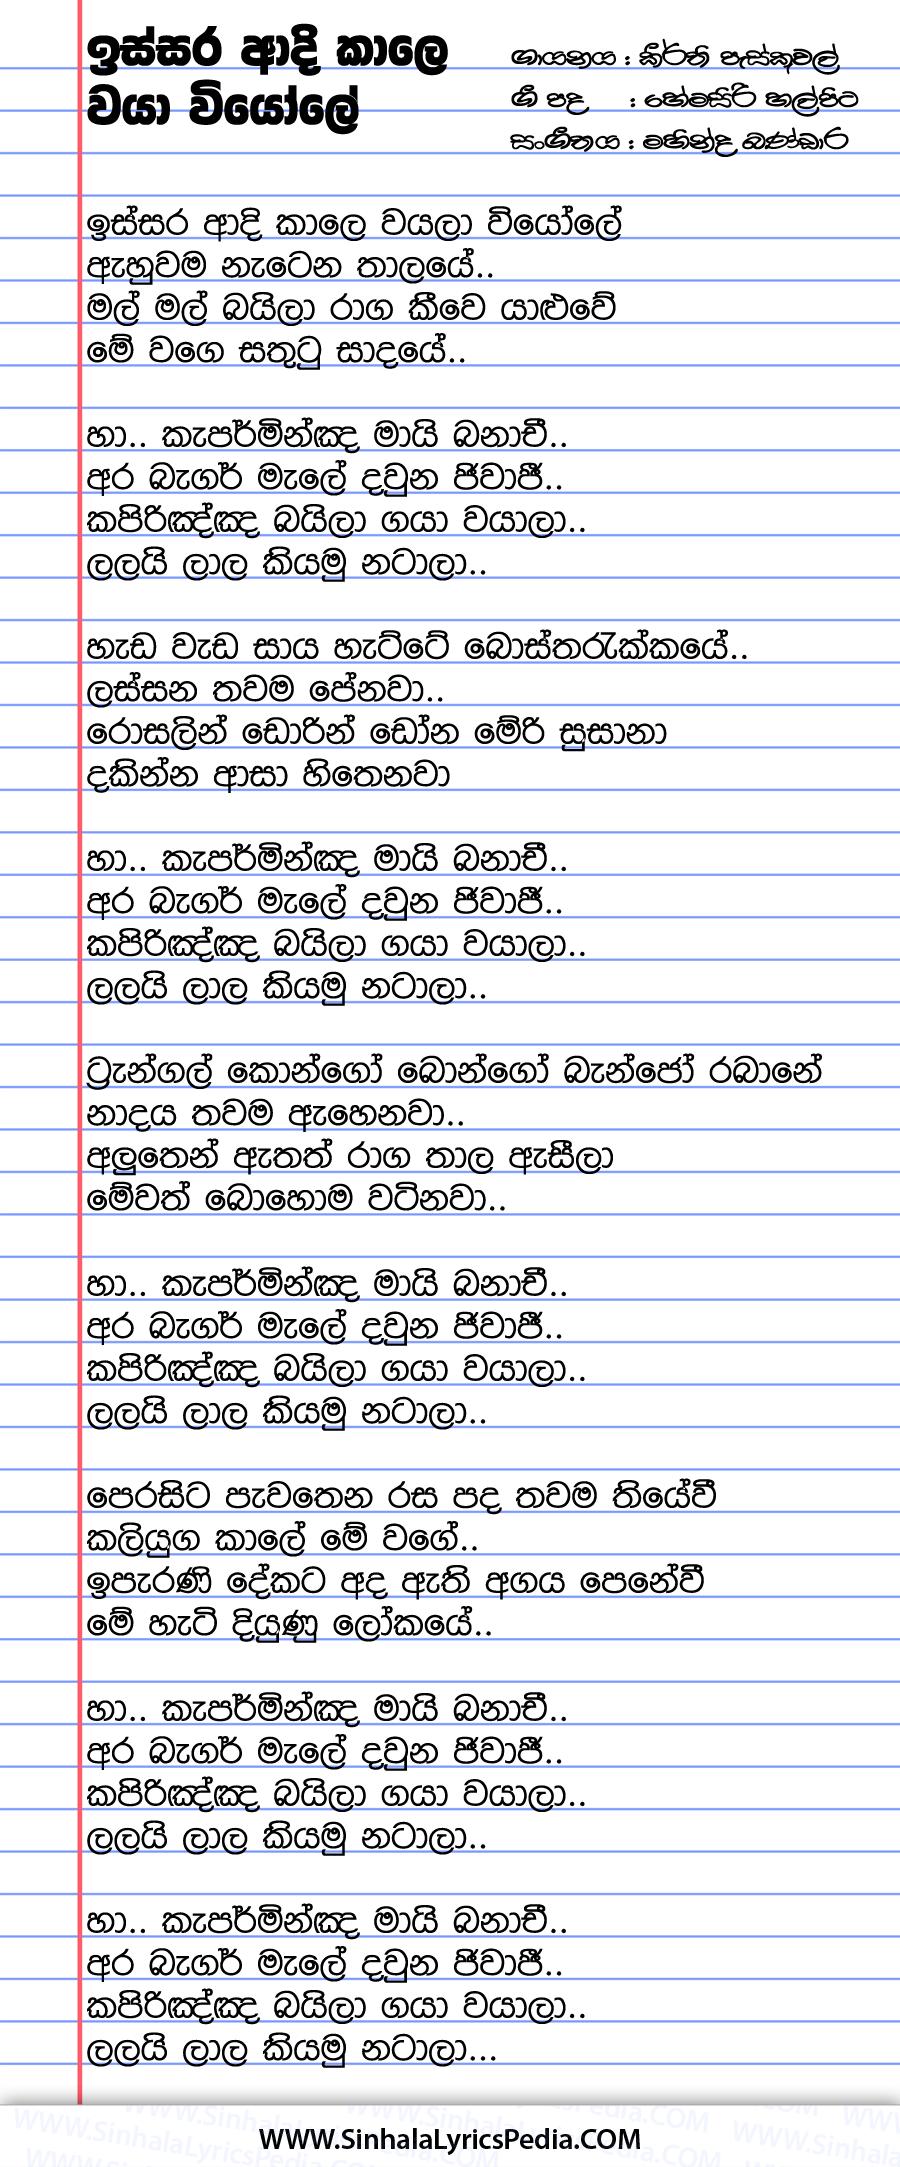 Issara Adi Kale Wayala Viyole Song Lyrics